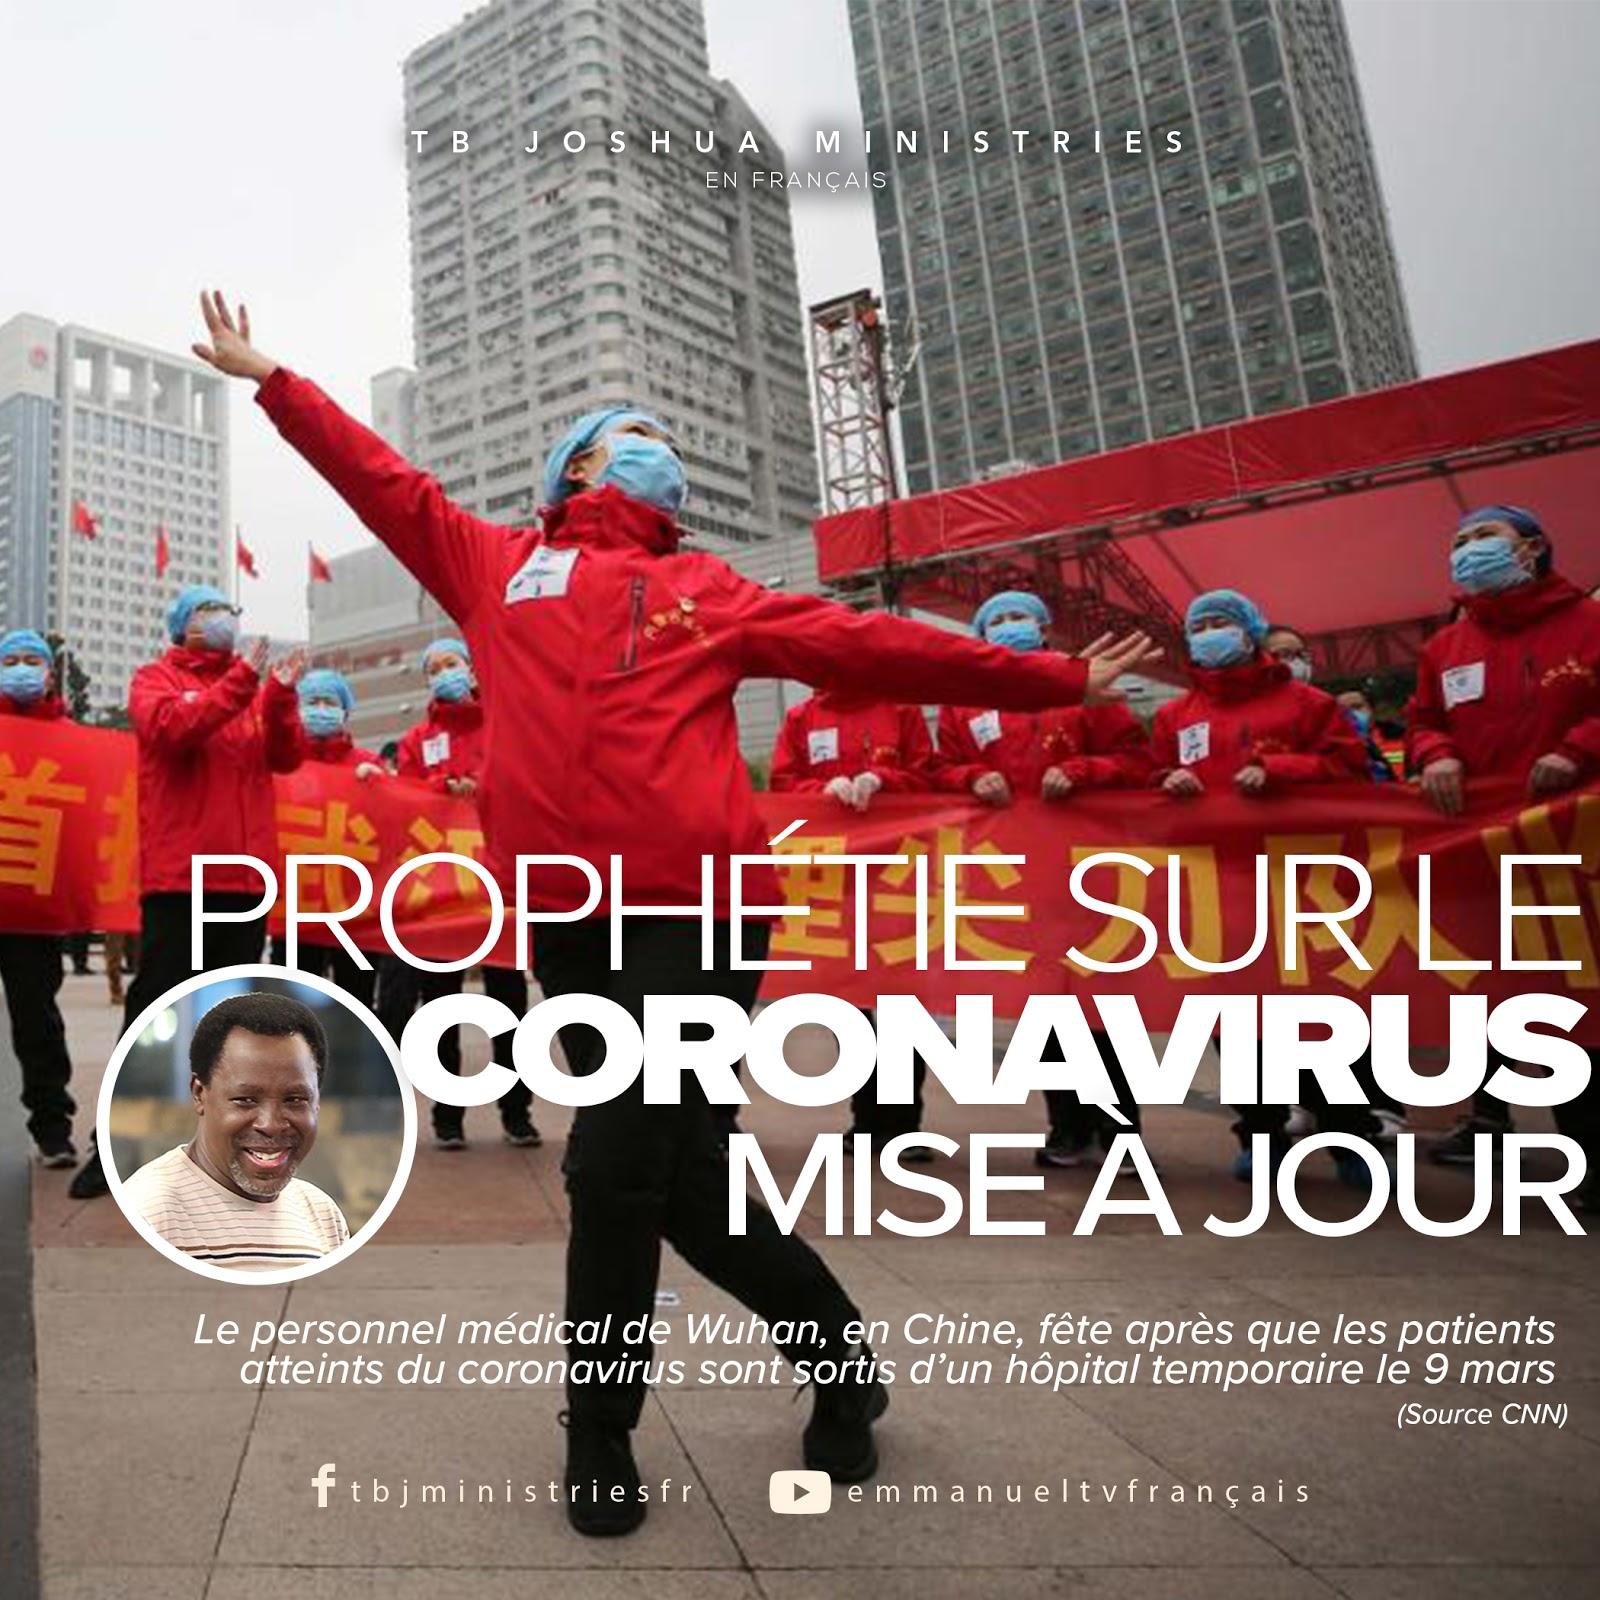 PROPHÉTIE SUR LE CORONAVIRUS (MISE À JOUR)